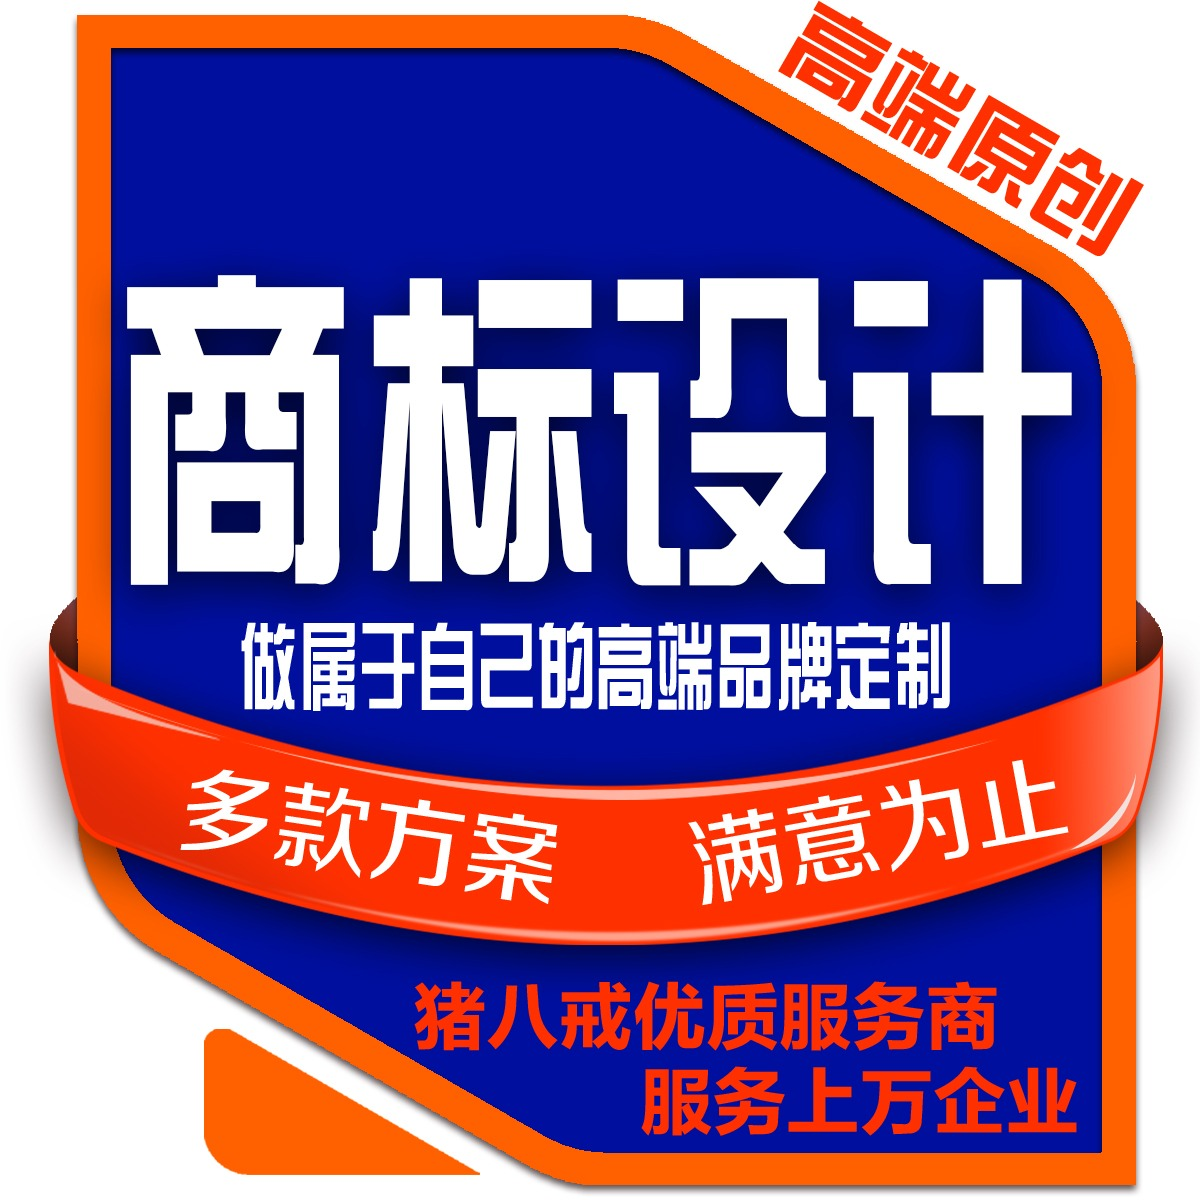 logo设计标志设计创意logo企业标识品牌设计企业形象设计